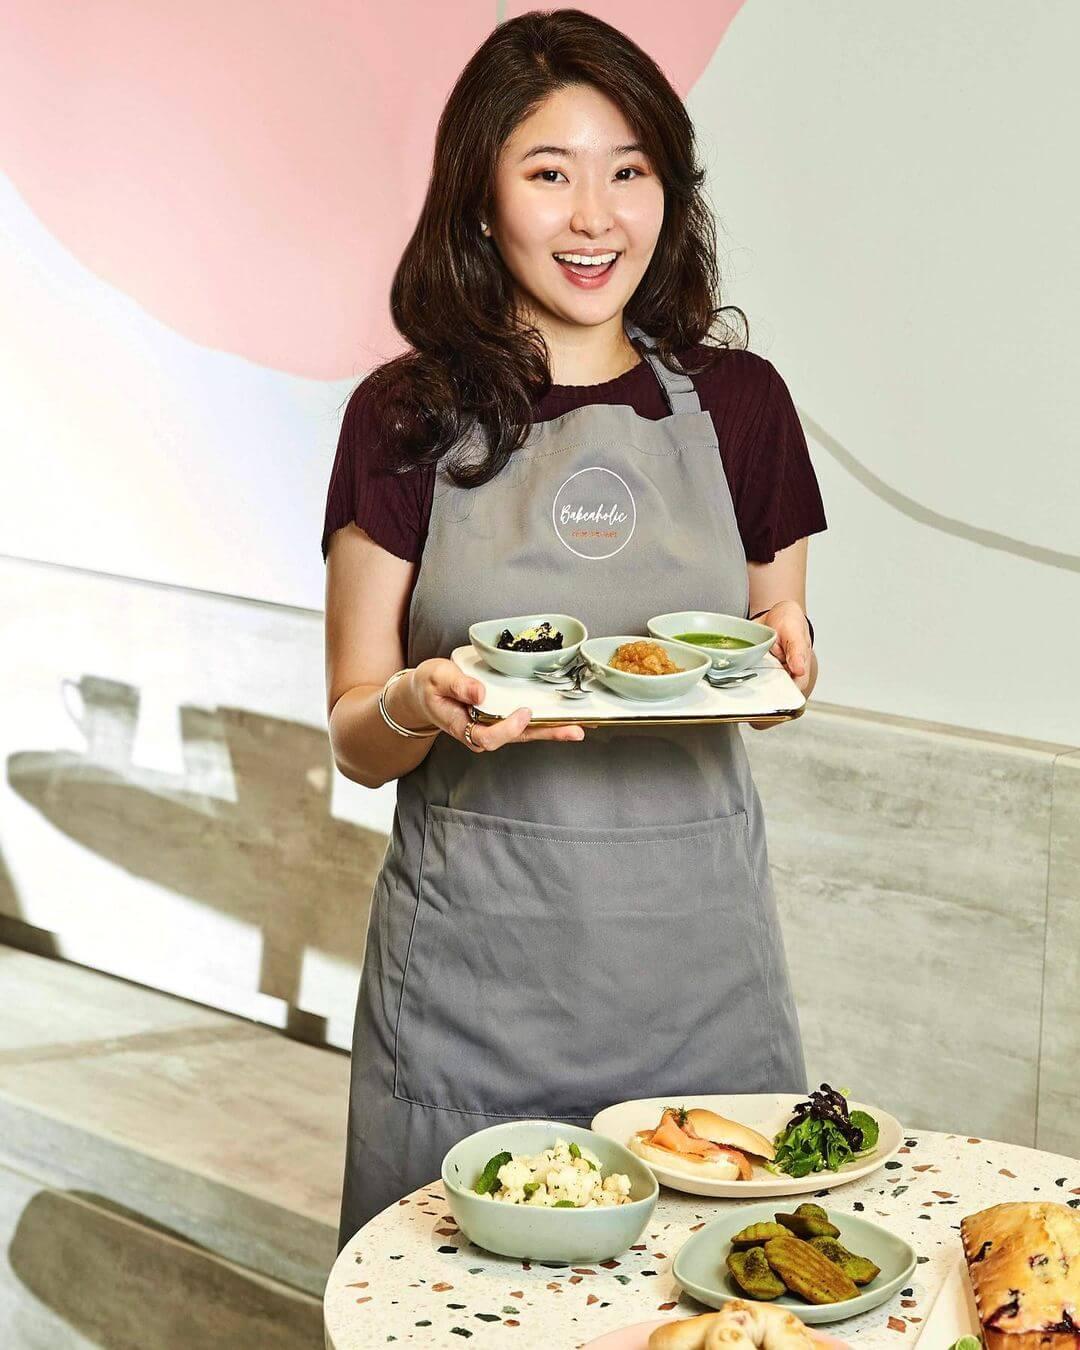 許惠菁開設餅店「Bakeaholic」,時常在IG分享新作品。